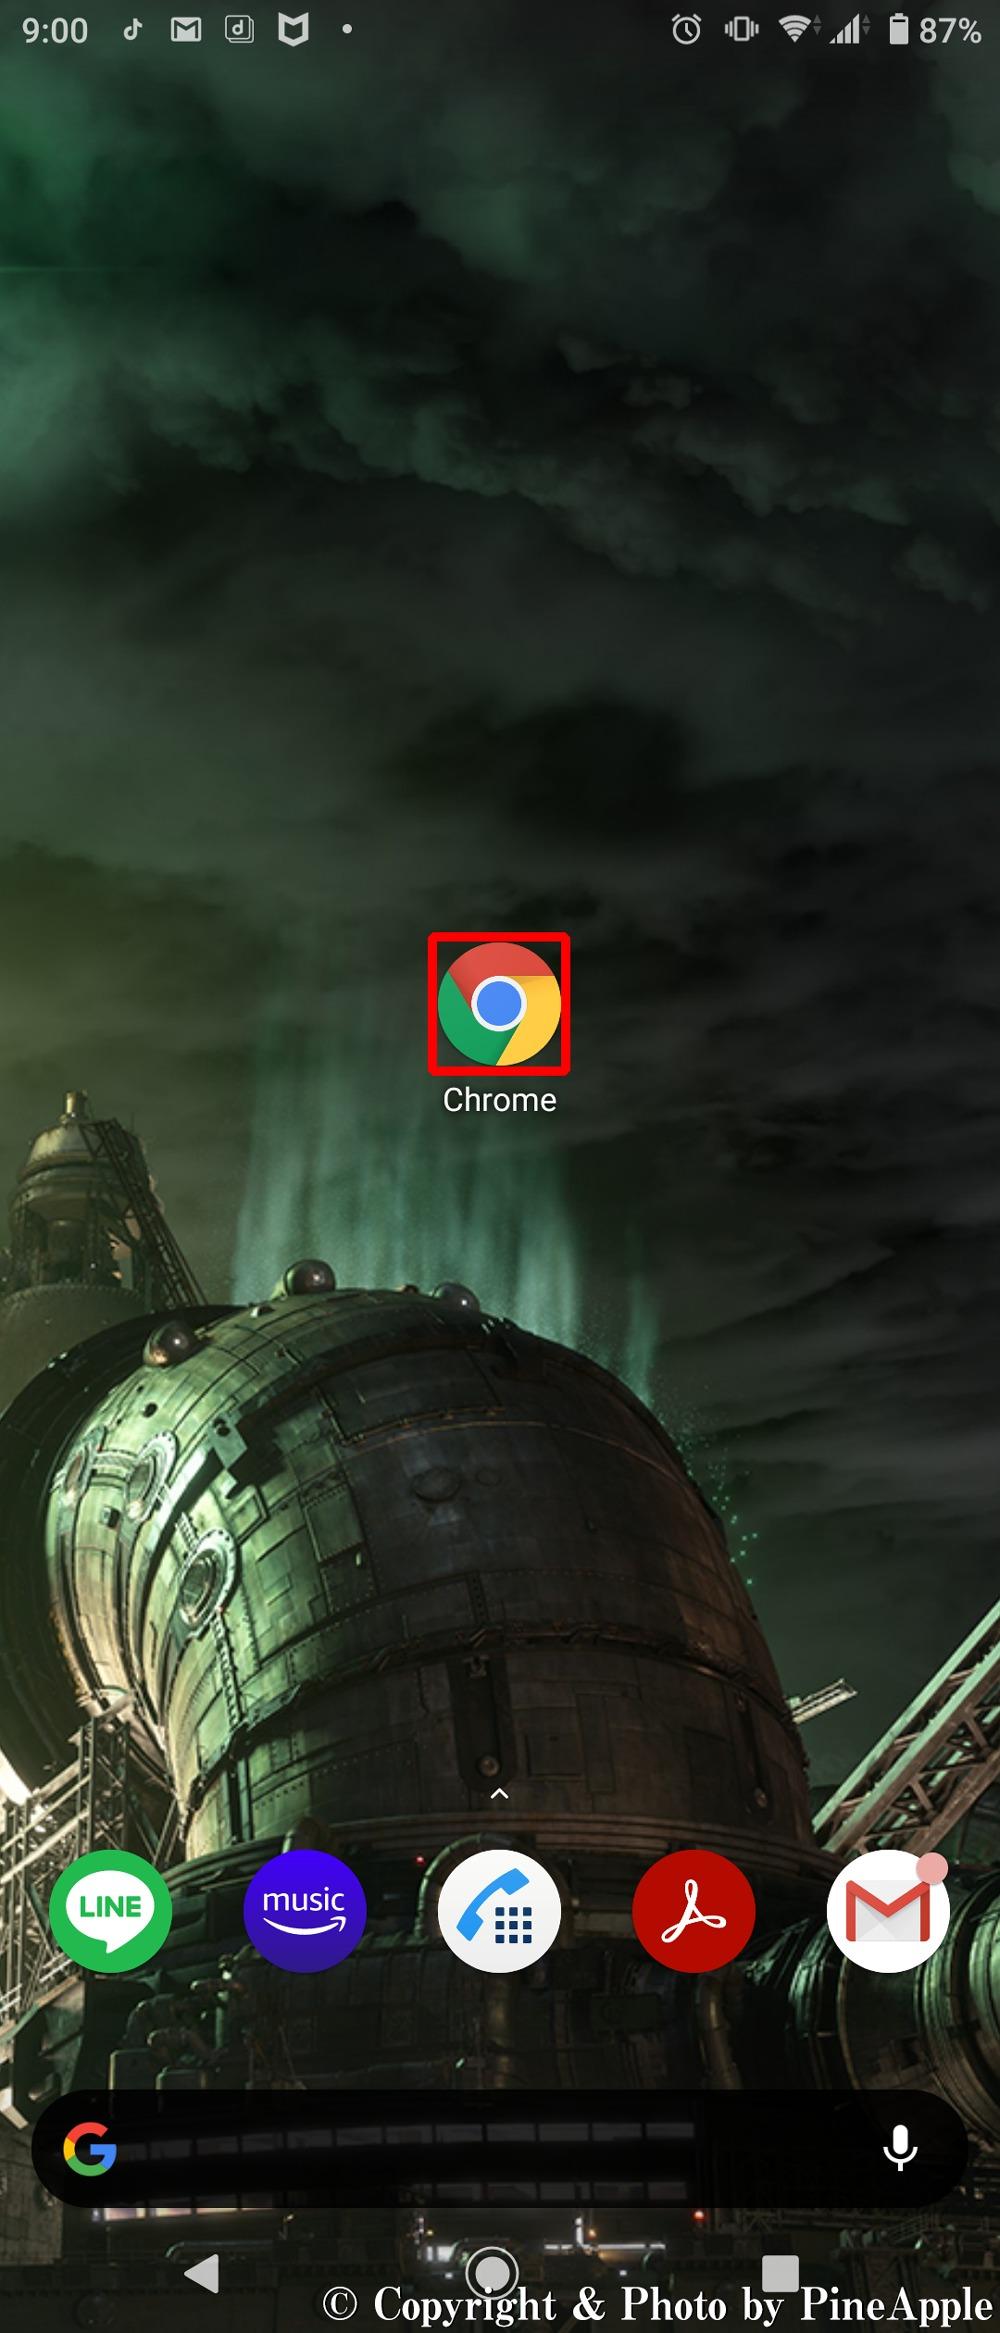 ホーム画面:「Google Chrome」のアプリアイコンをタップ